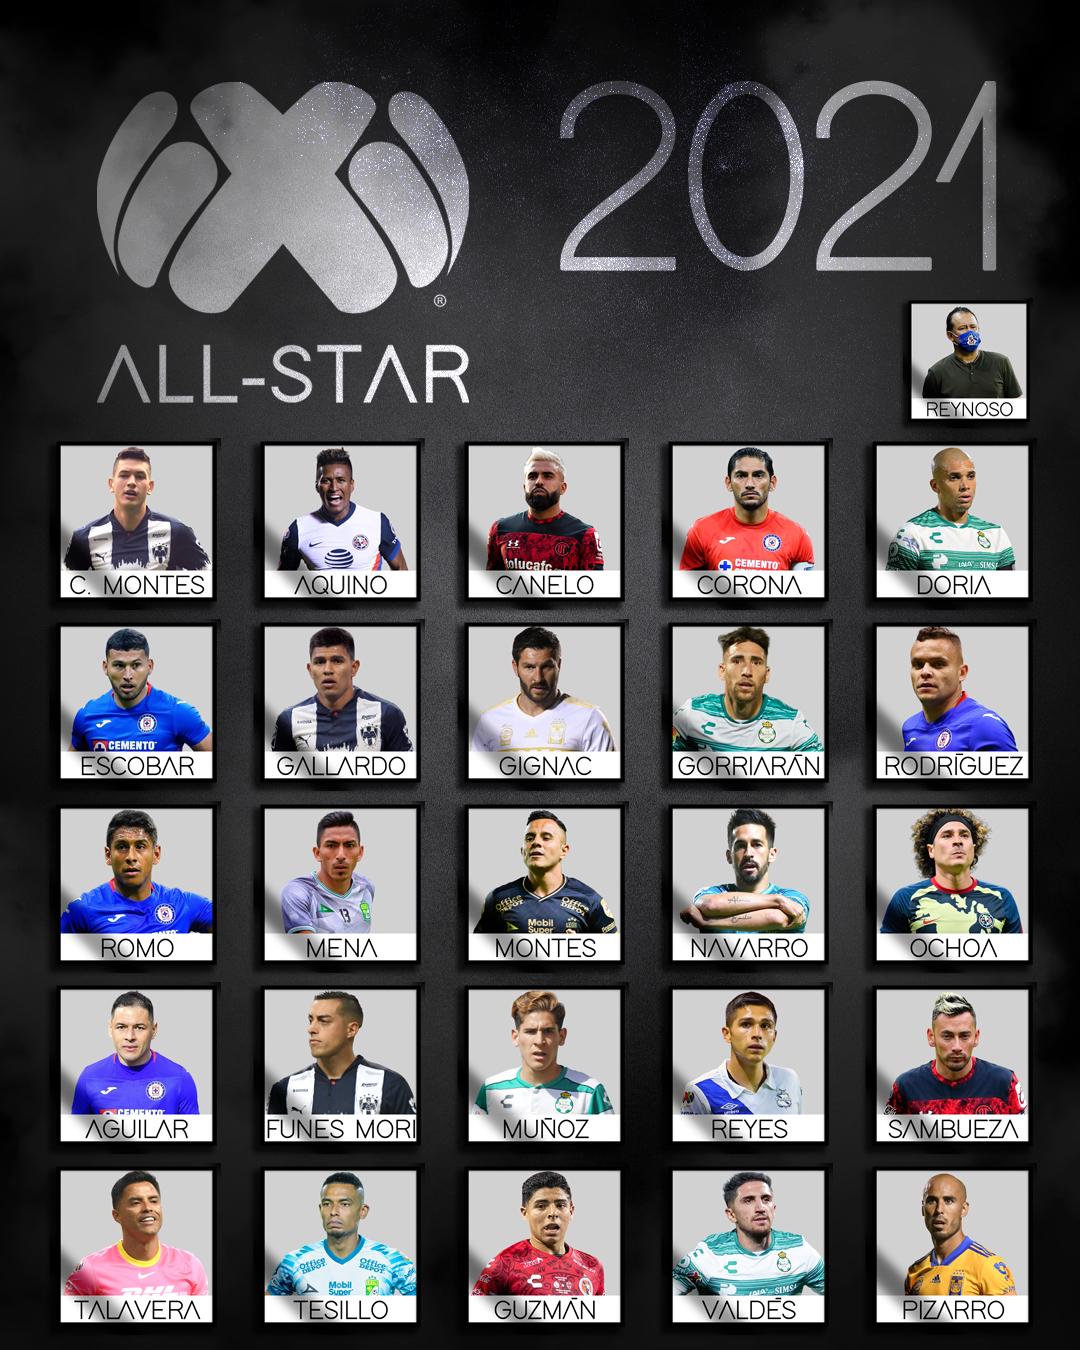 Liga MX: Futbolistas convocados para el All-Star Game MLS 2021